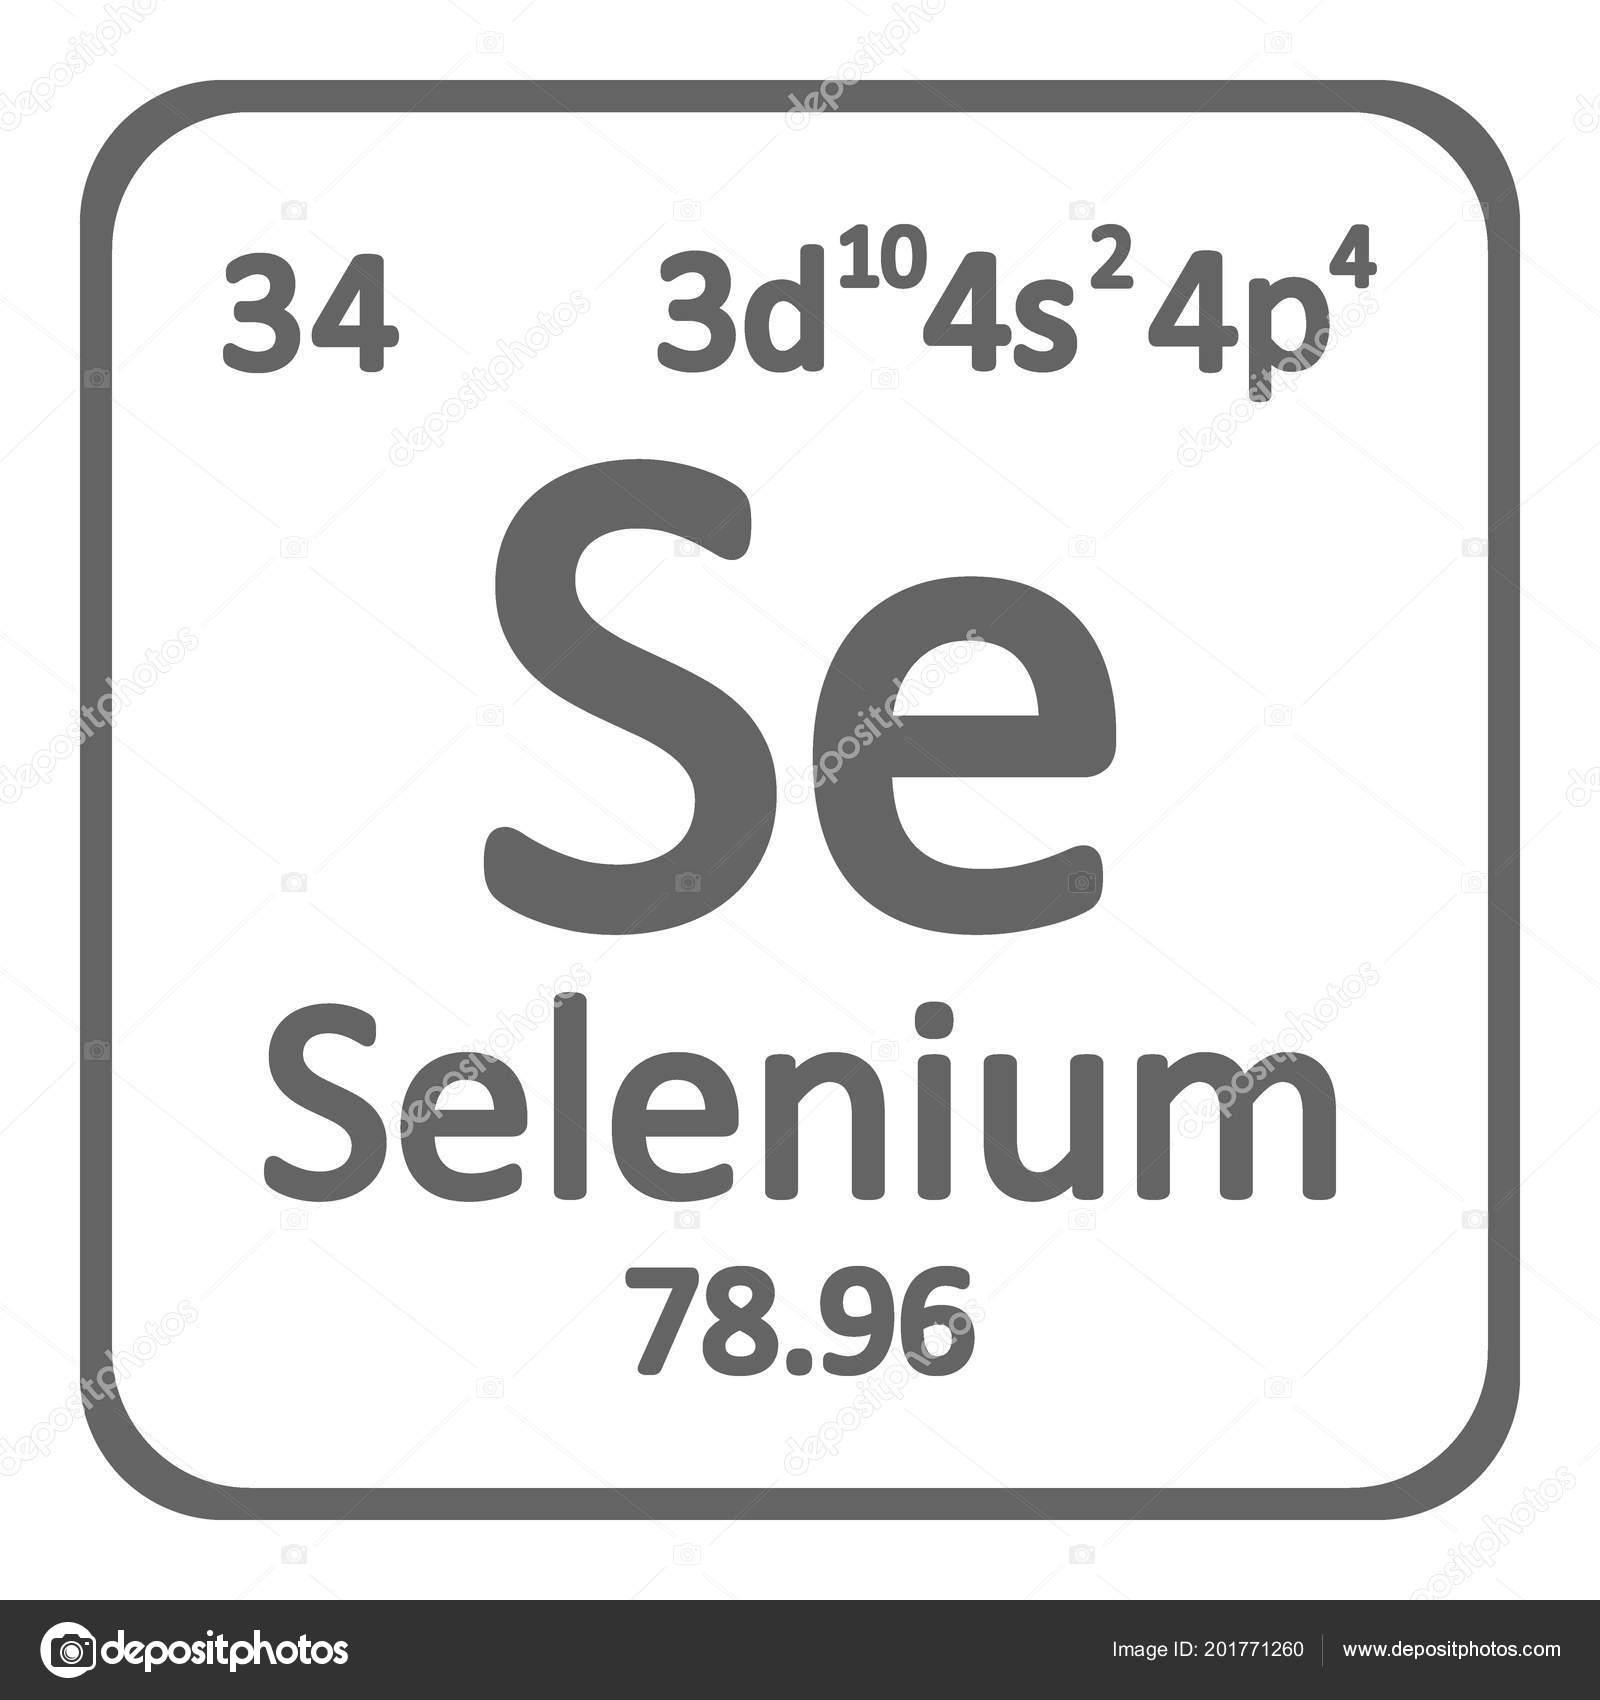 Tabla periodica elemento selenio icono sobre fondo blanco tabla periodica elemento selenio icono sobre fondo blanco ilustracin vector archivo imgenes vectoriales urtaz Choice Image